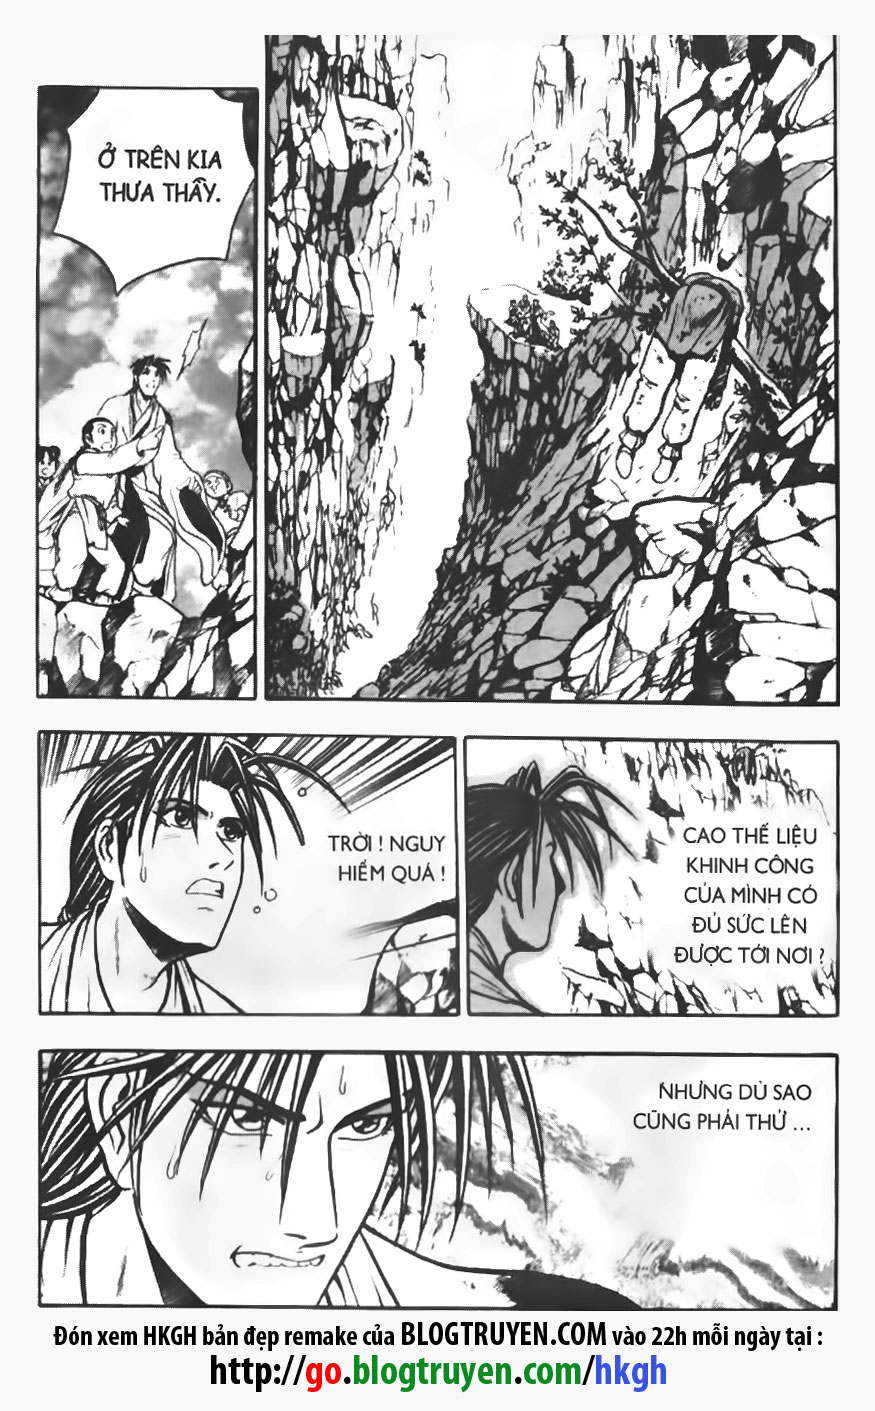 xem truyen moi - Hiệp Khách Giang Hồ Vol11 - Chap 074 - Remake